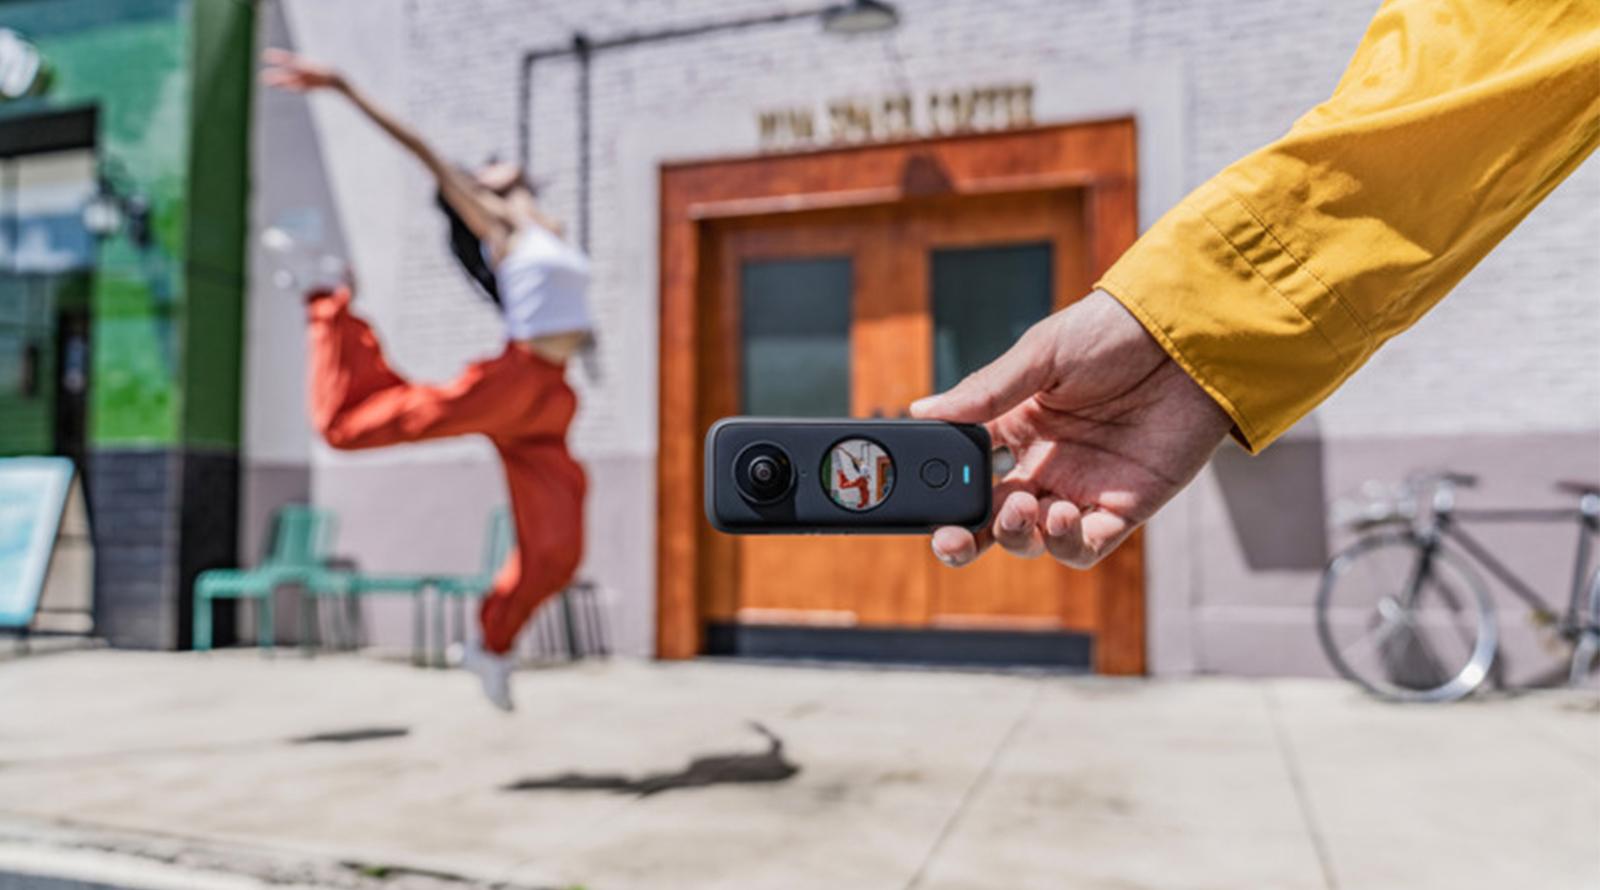 معرفی دوربین Insta 360 ONE X2